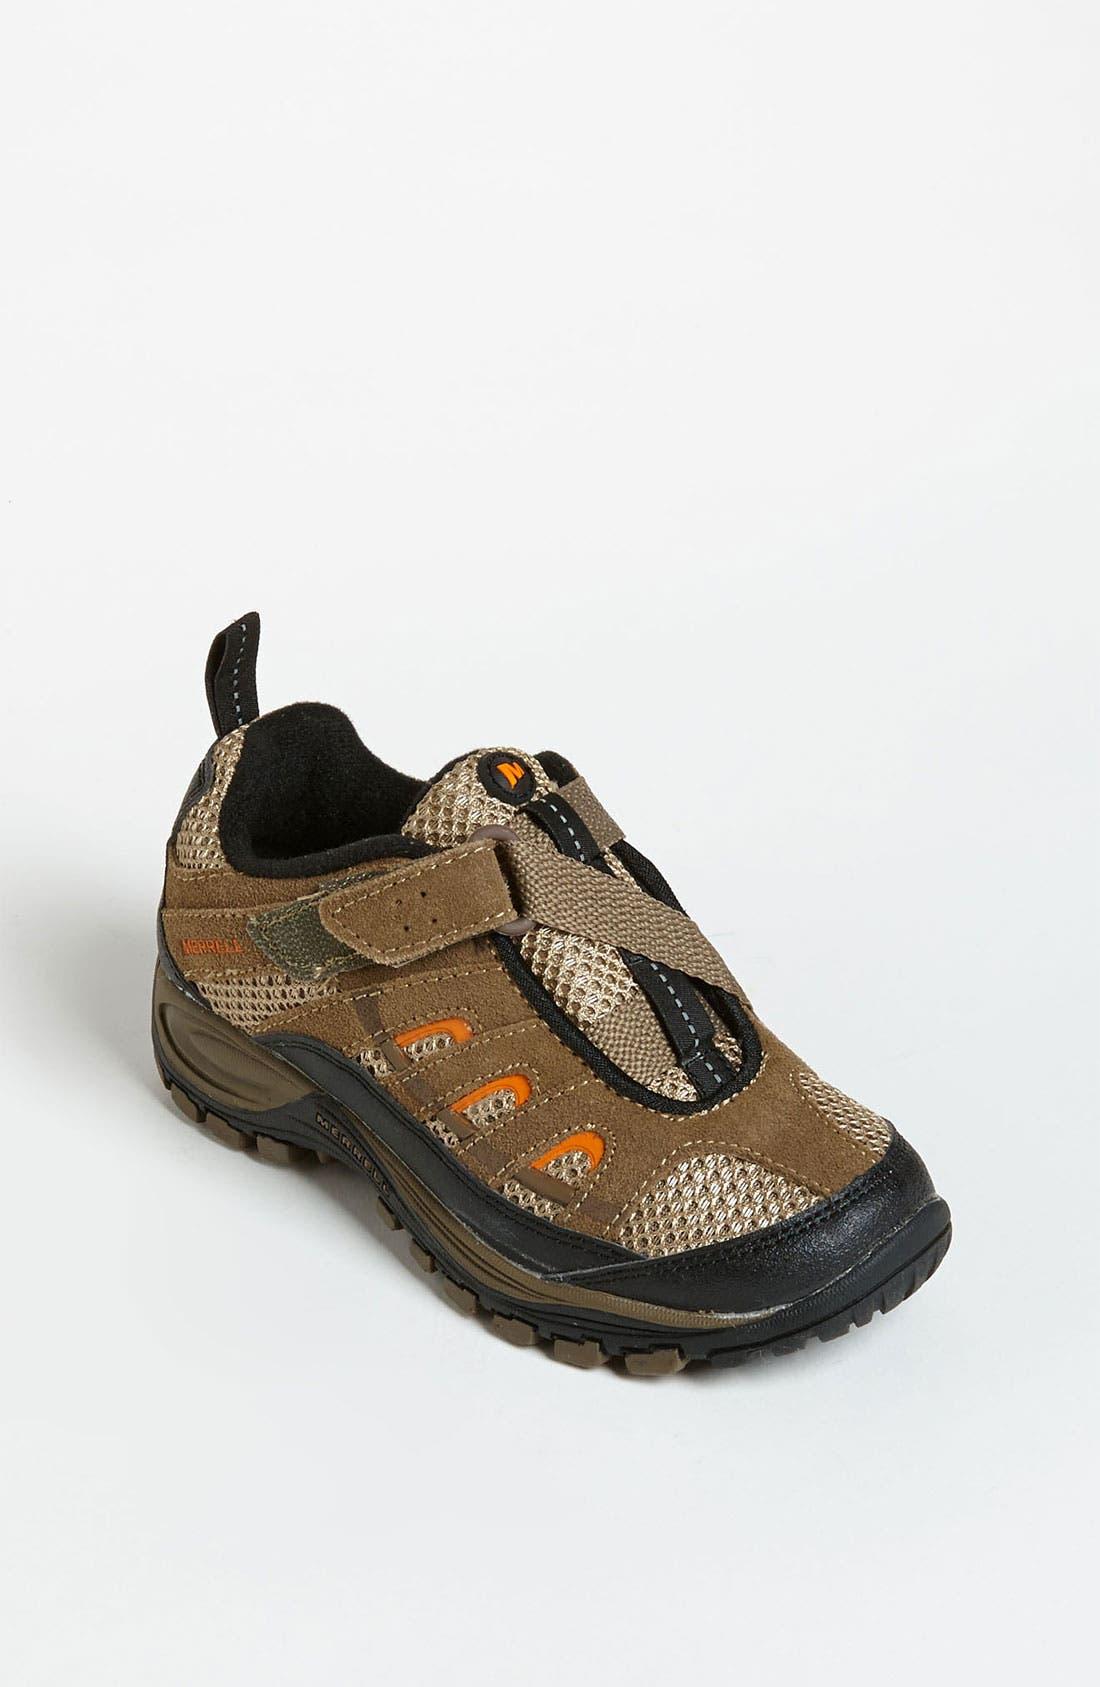 Alternate Image 1 Selected - Merrell 'Chameleon 4' Shoe (Toddler, Little Kid & Big Kid)